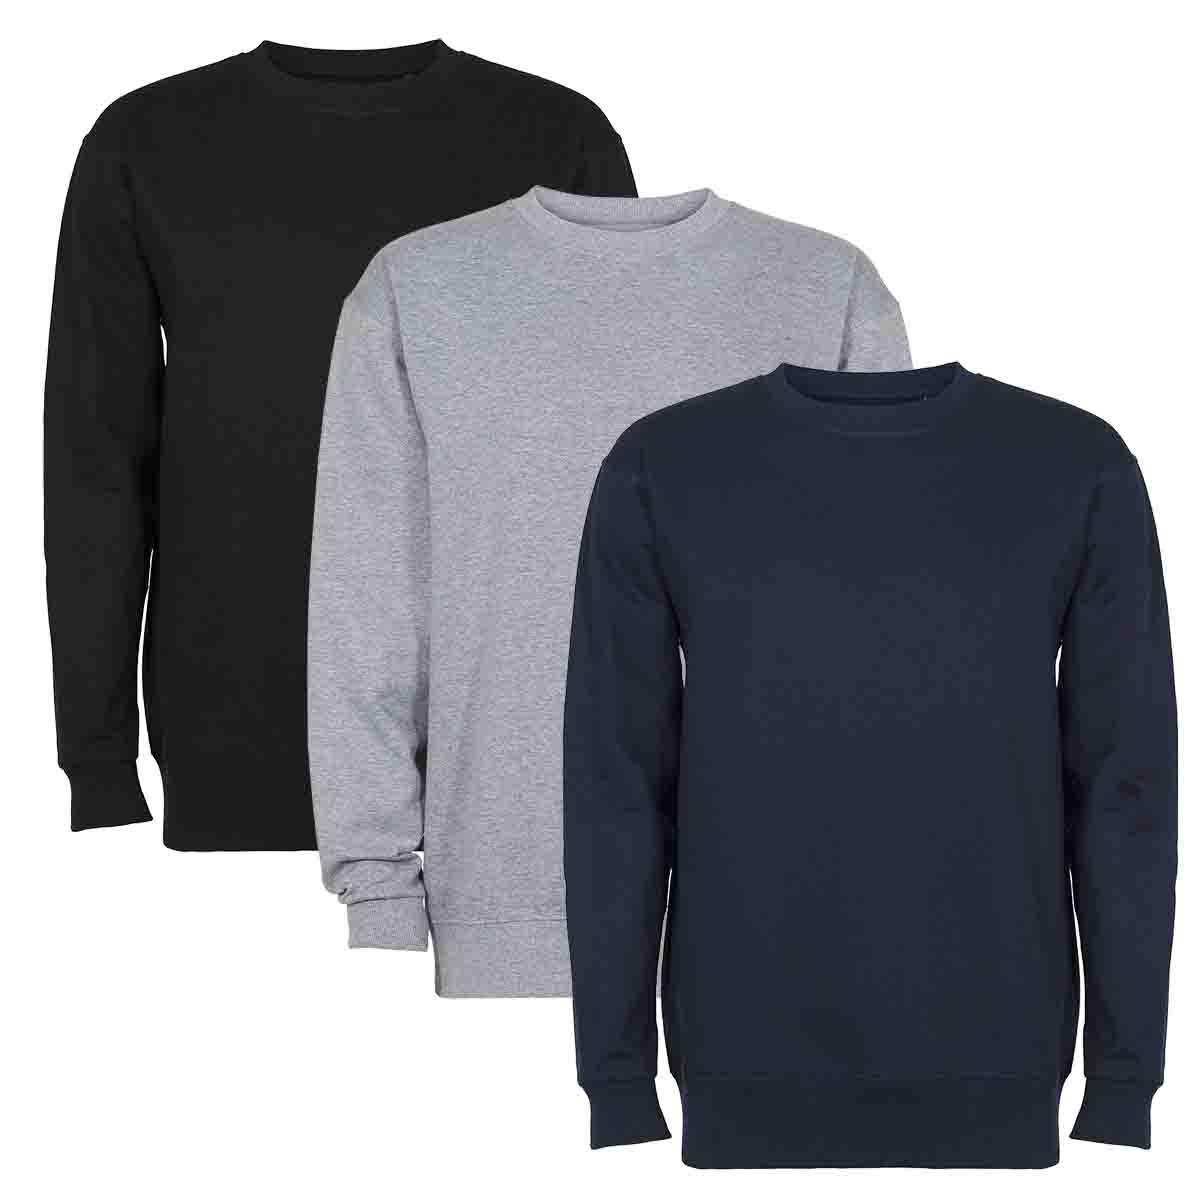 Sweatshirt model 130